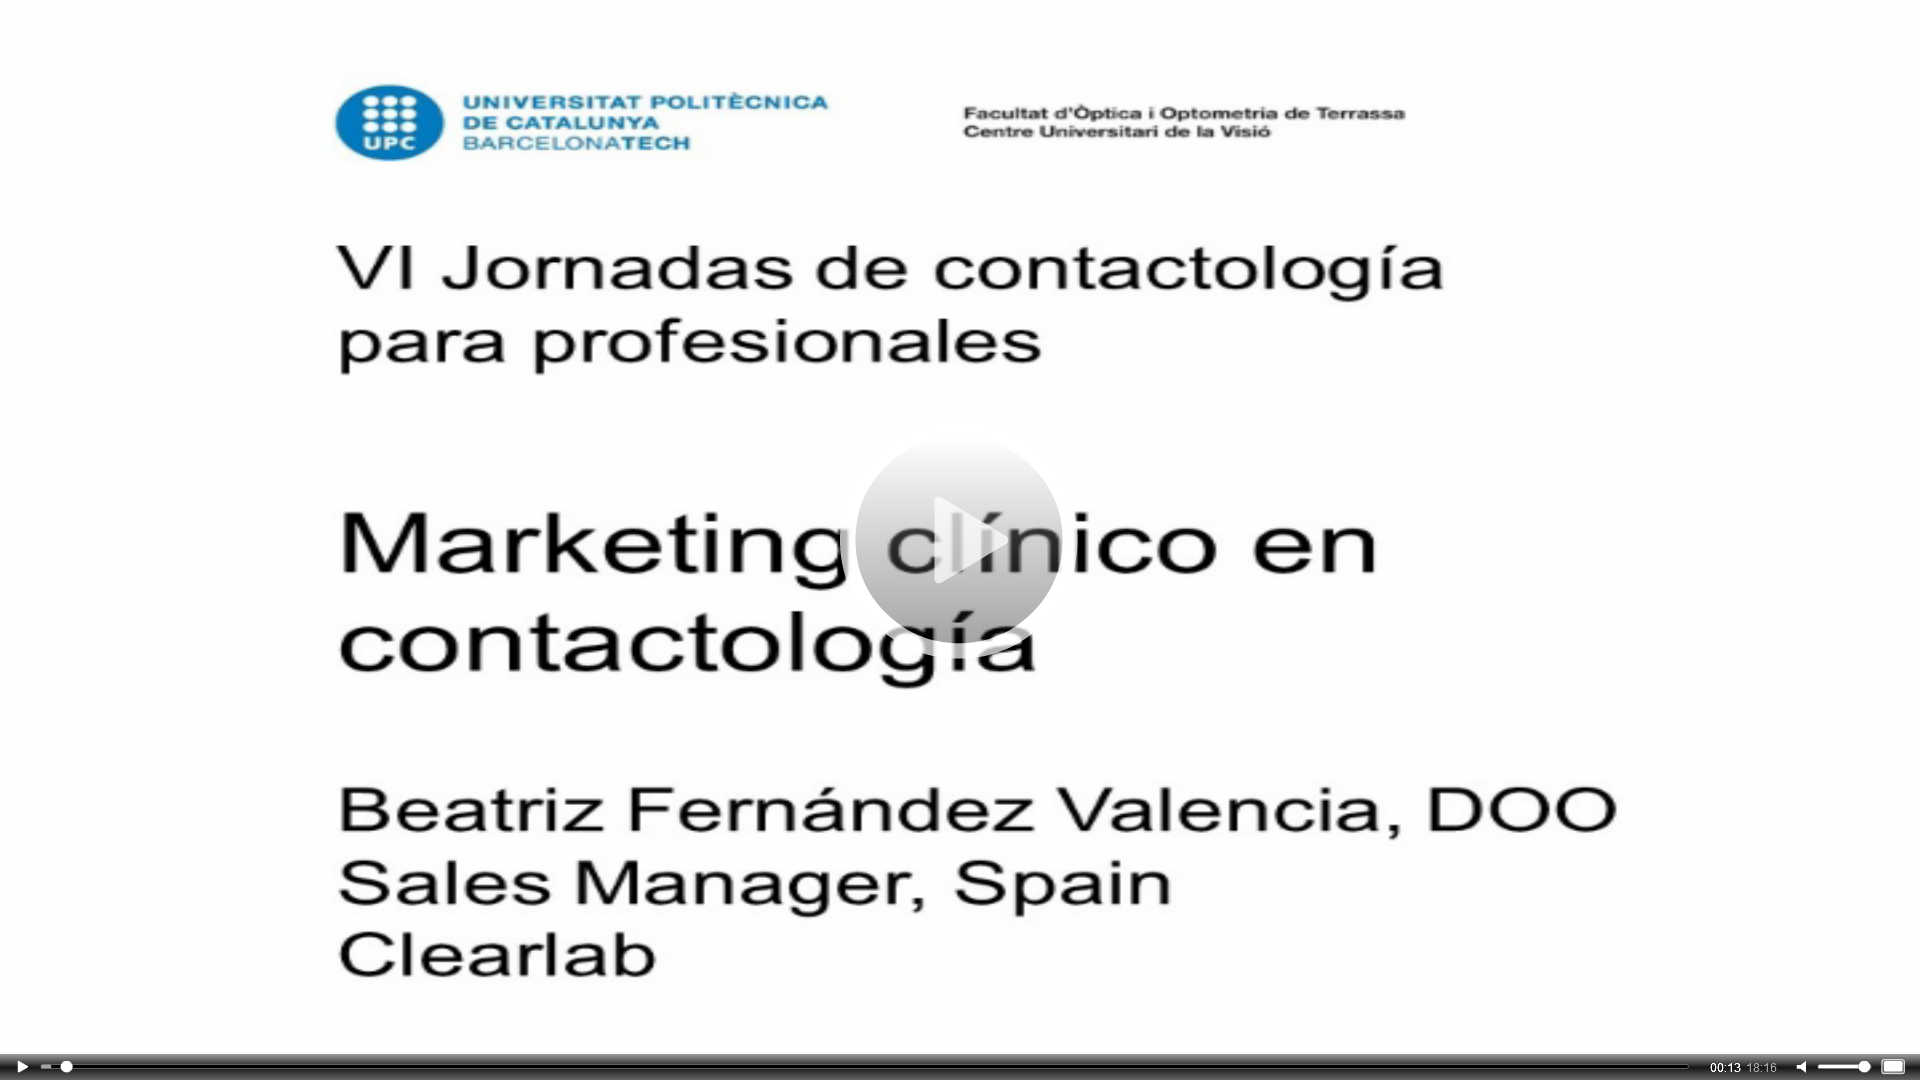 JLC2015_marketing_clinico(Beatriz_Fernandez-clearlab)